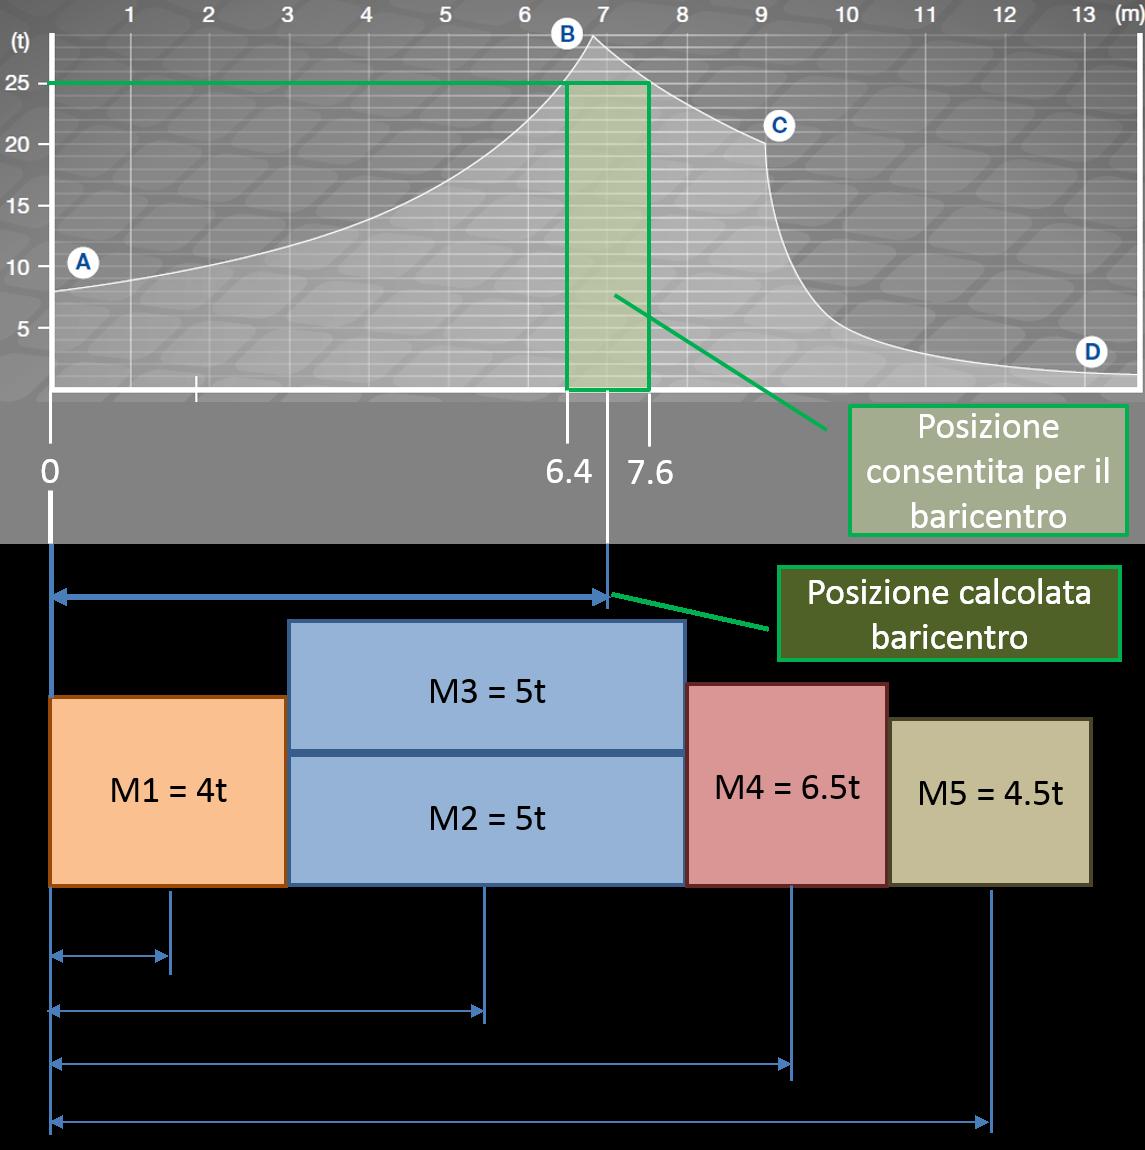 La posizione del baricentro del carico ricade nella zona consentita